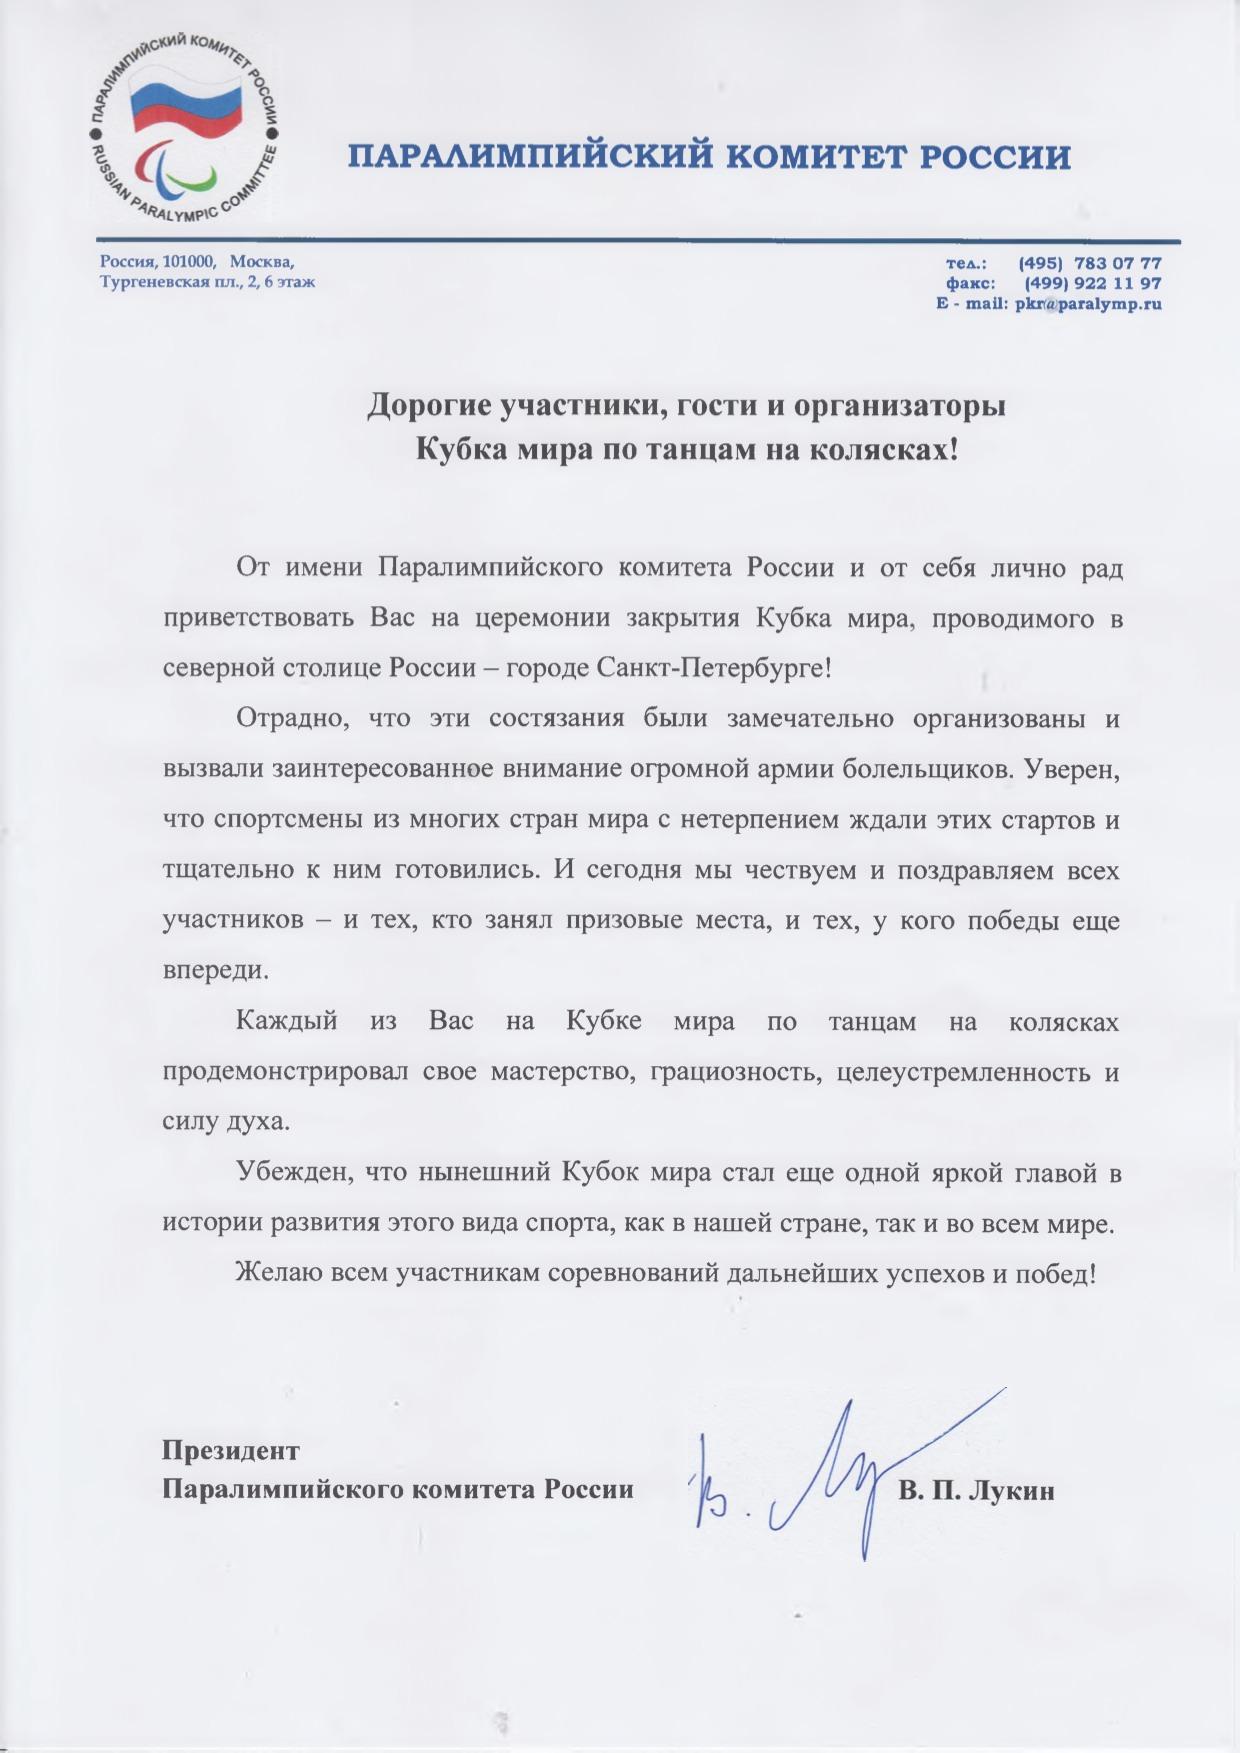 Президент ПКР В.П.Лукин  направил приветственный адрес по случаю торжественной церемонии закрытия Кубка мира - Кубка Континентов по танцам на колясках